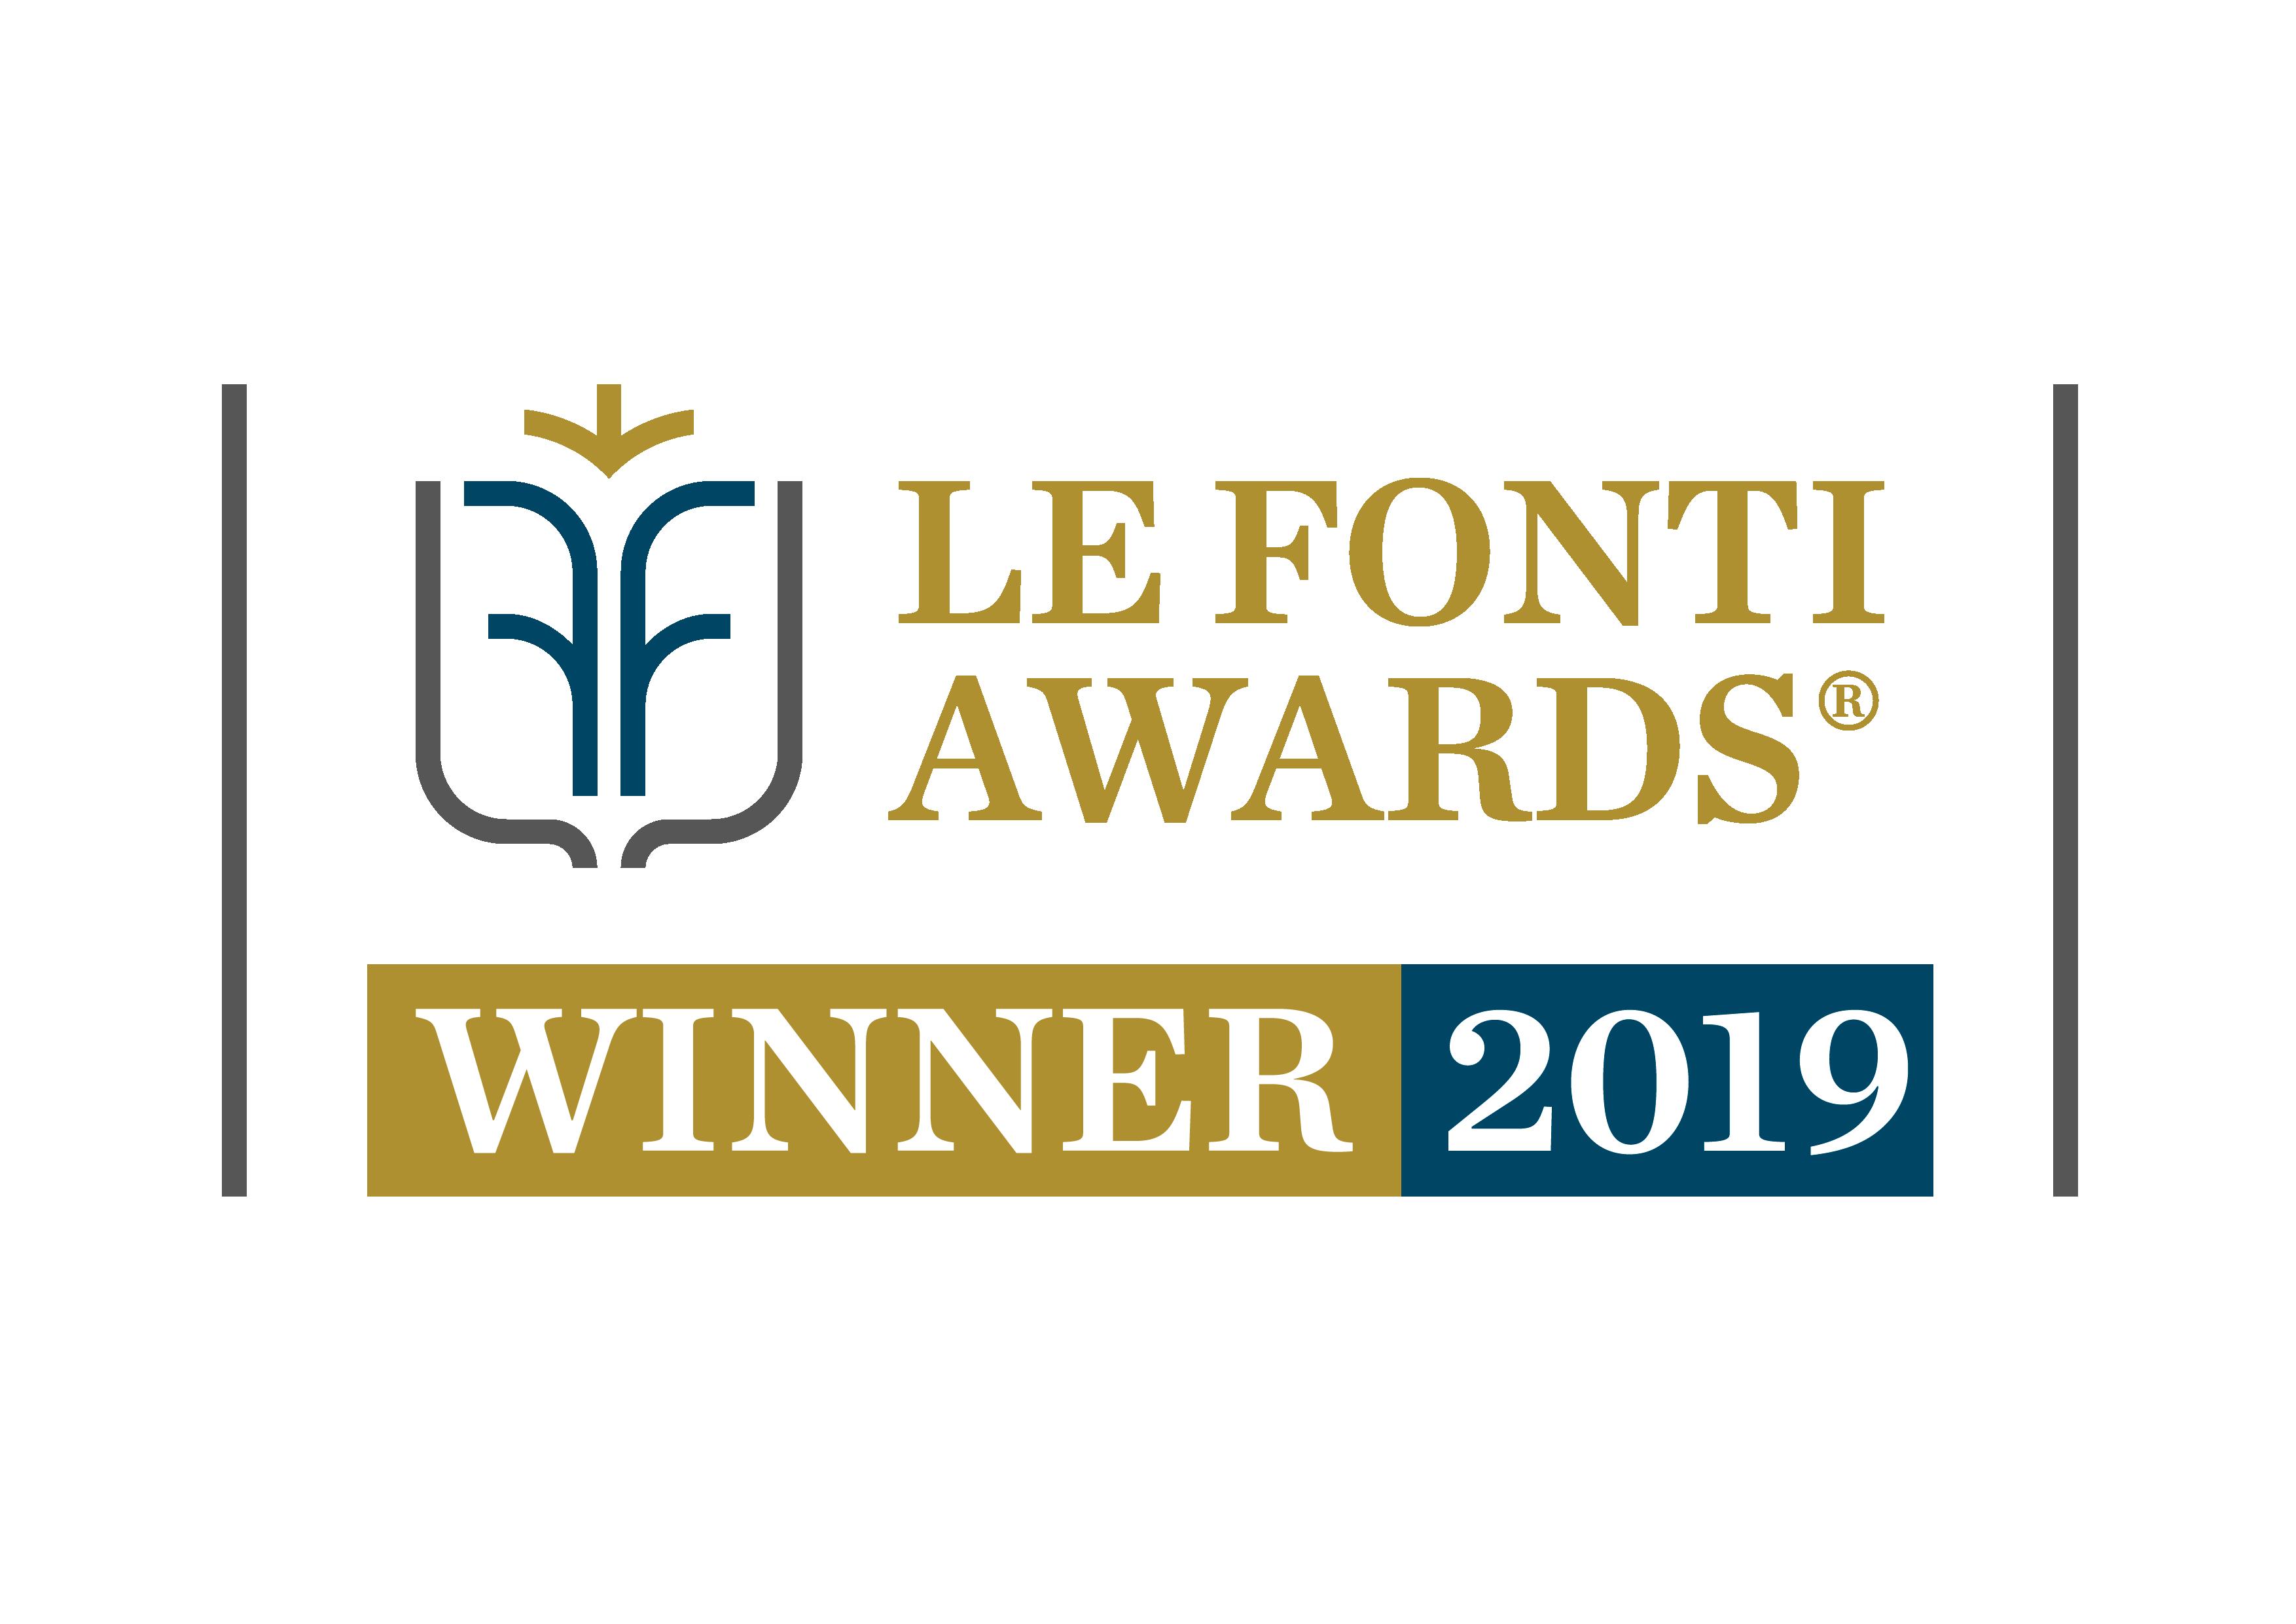 Le Fonti Award